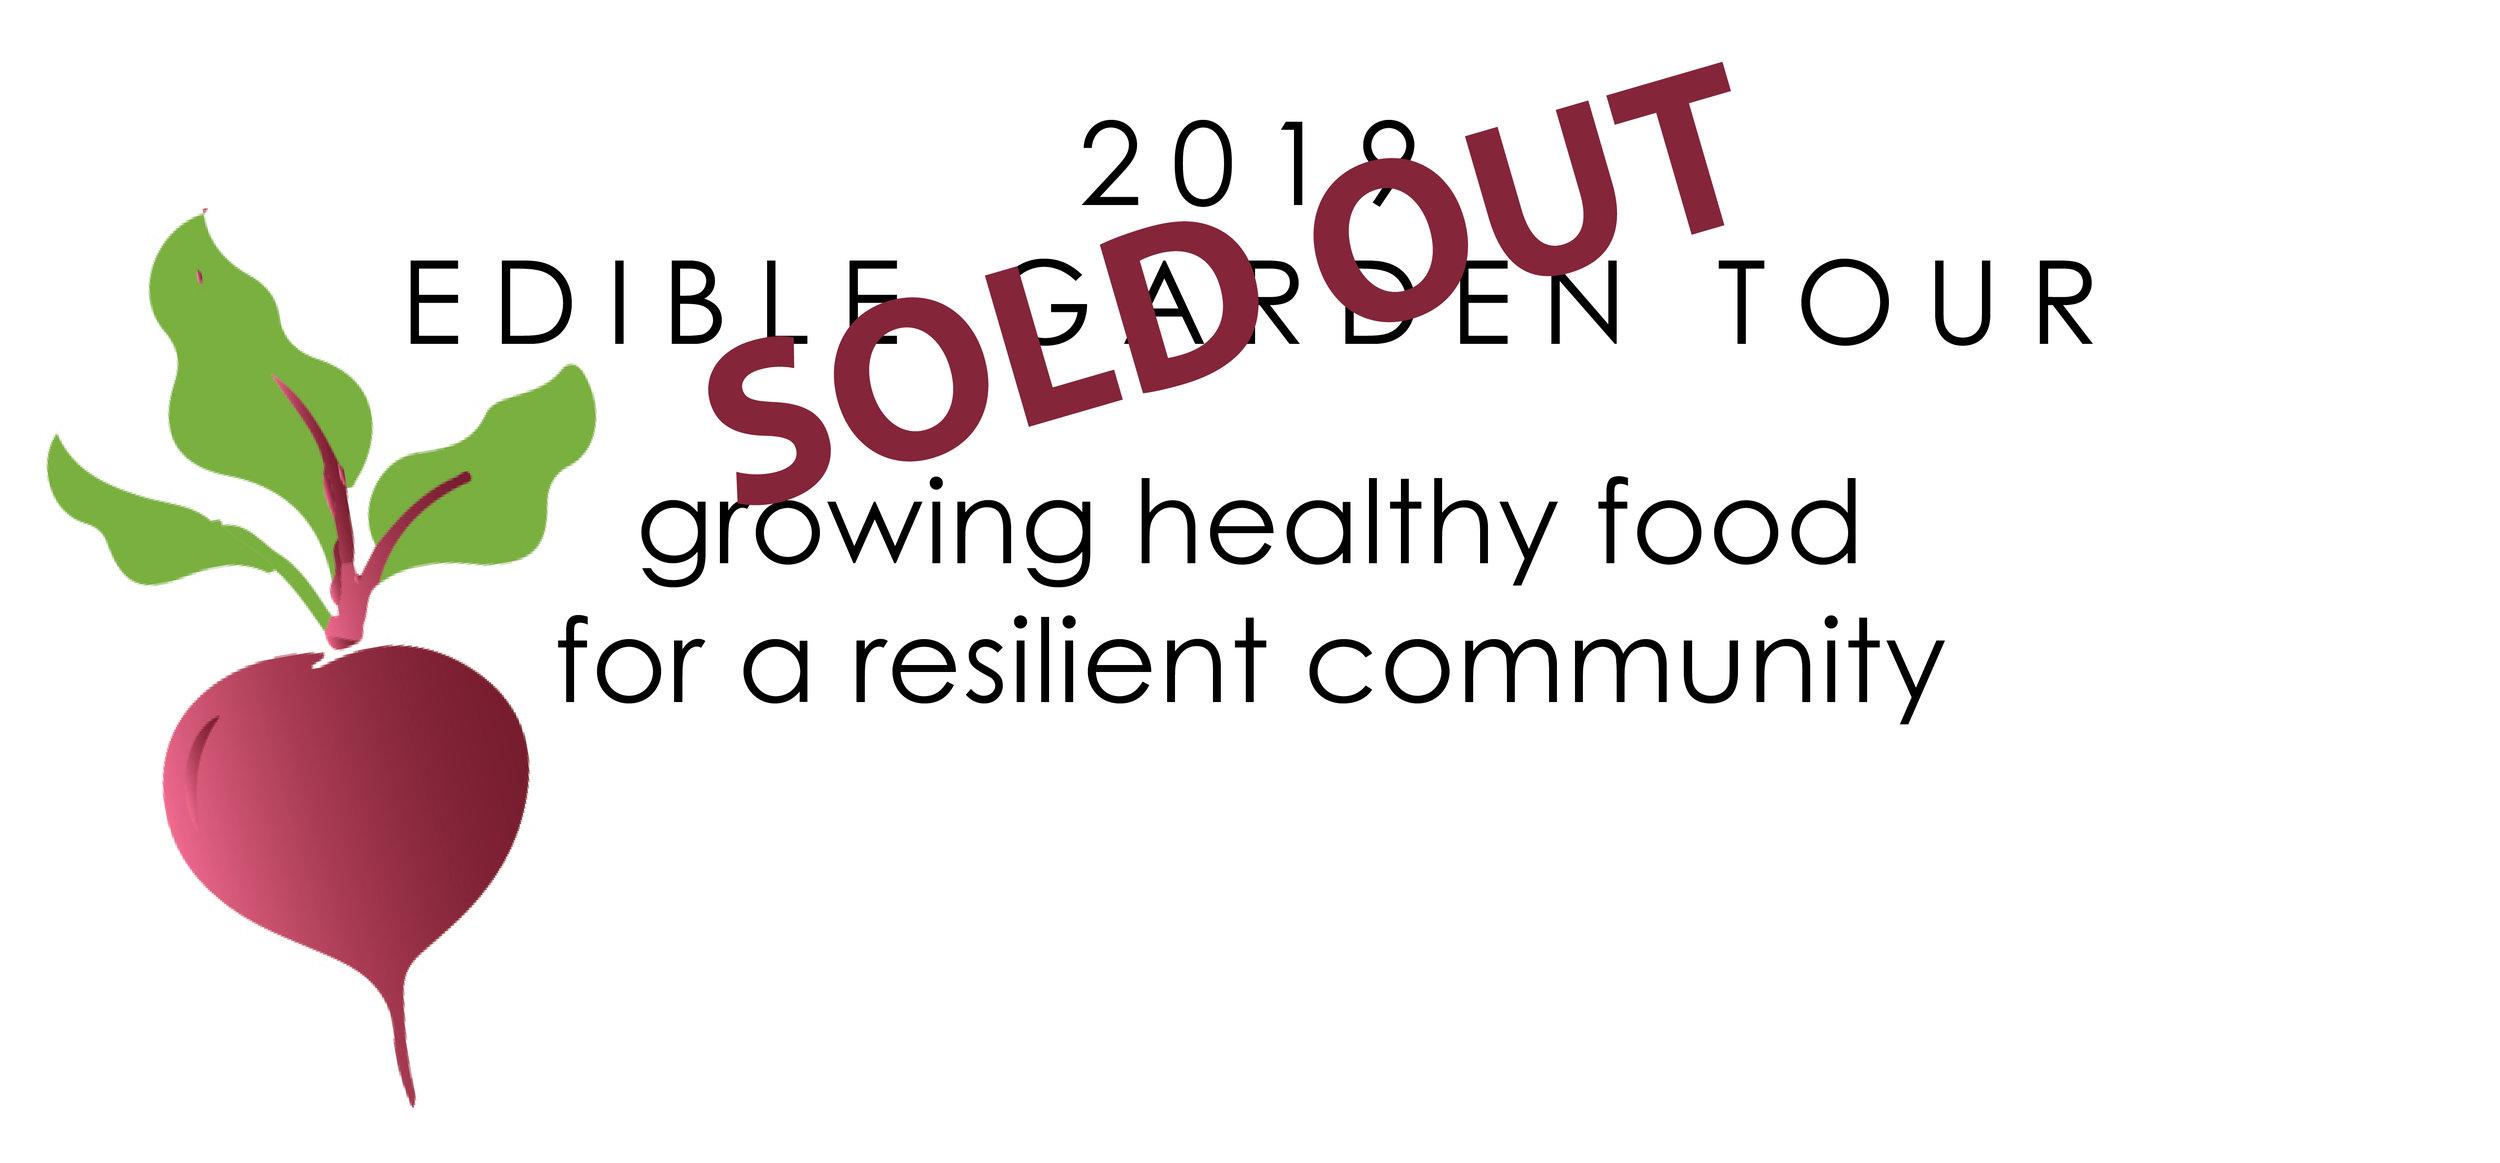 Edible Garden Tour Sold out logo